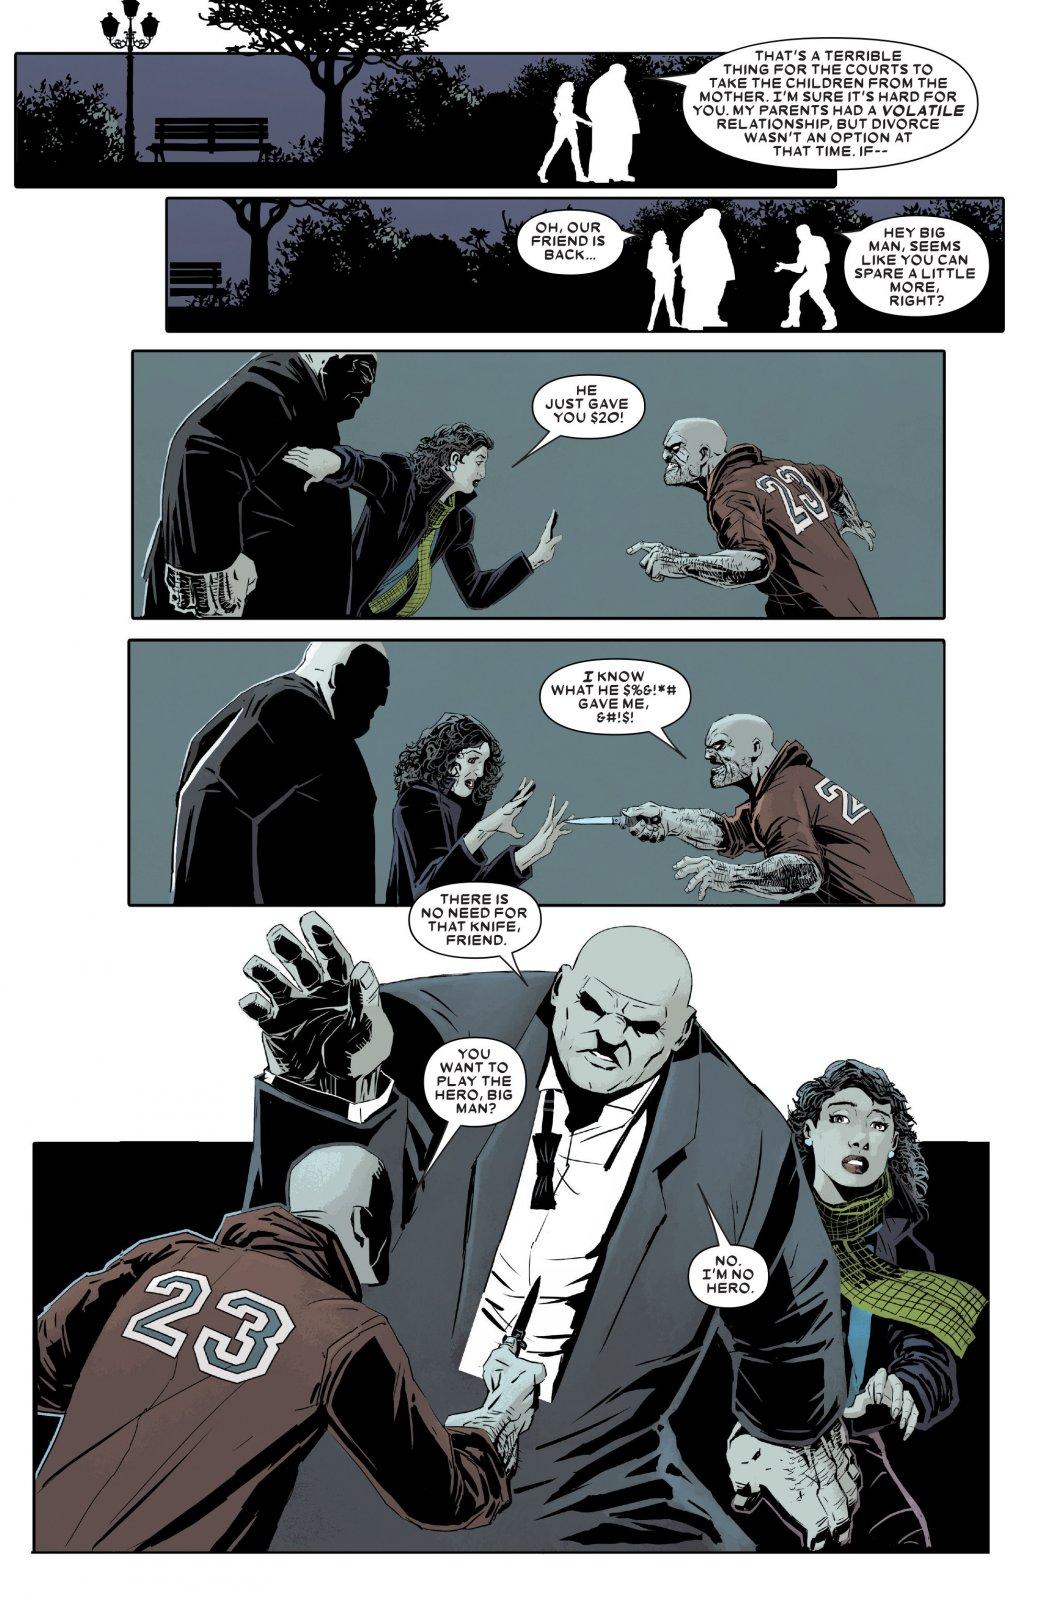 У издательства Marvel вышла новая серия комиксов про Кингпина